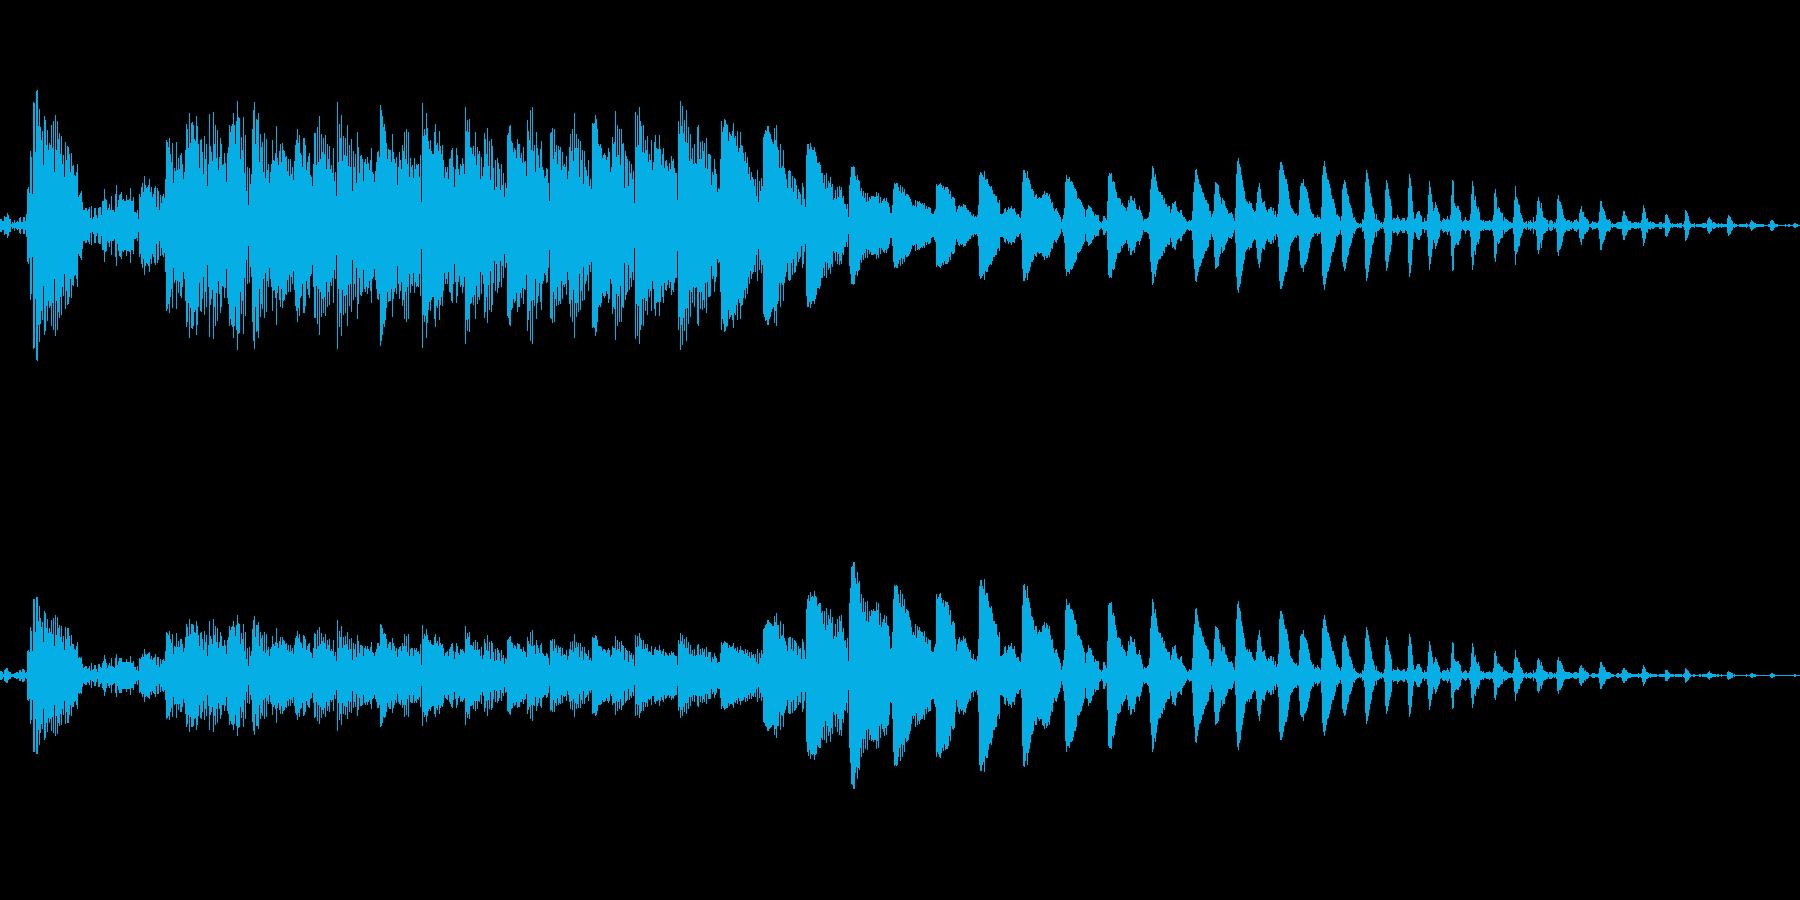 ポイ〜ン!コミカルなジャンプ効果音!02の再生済みの波形